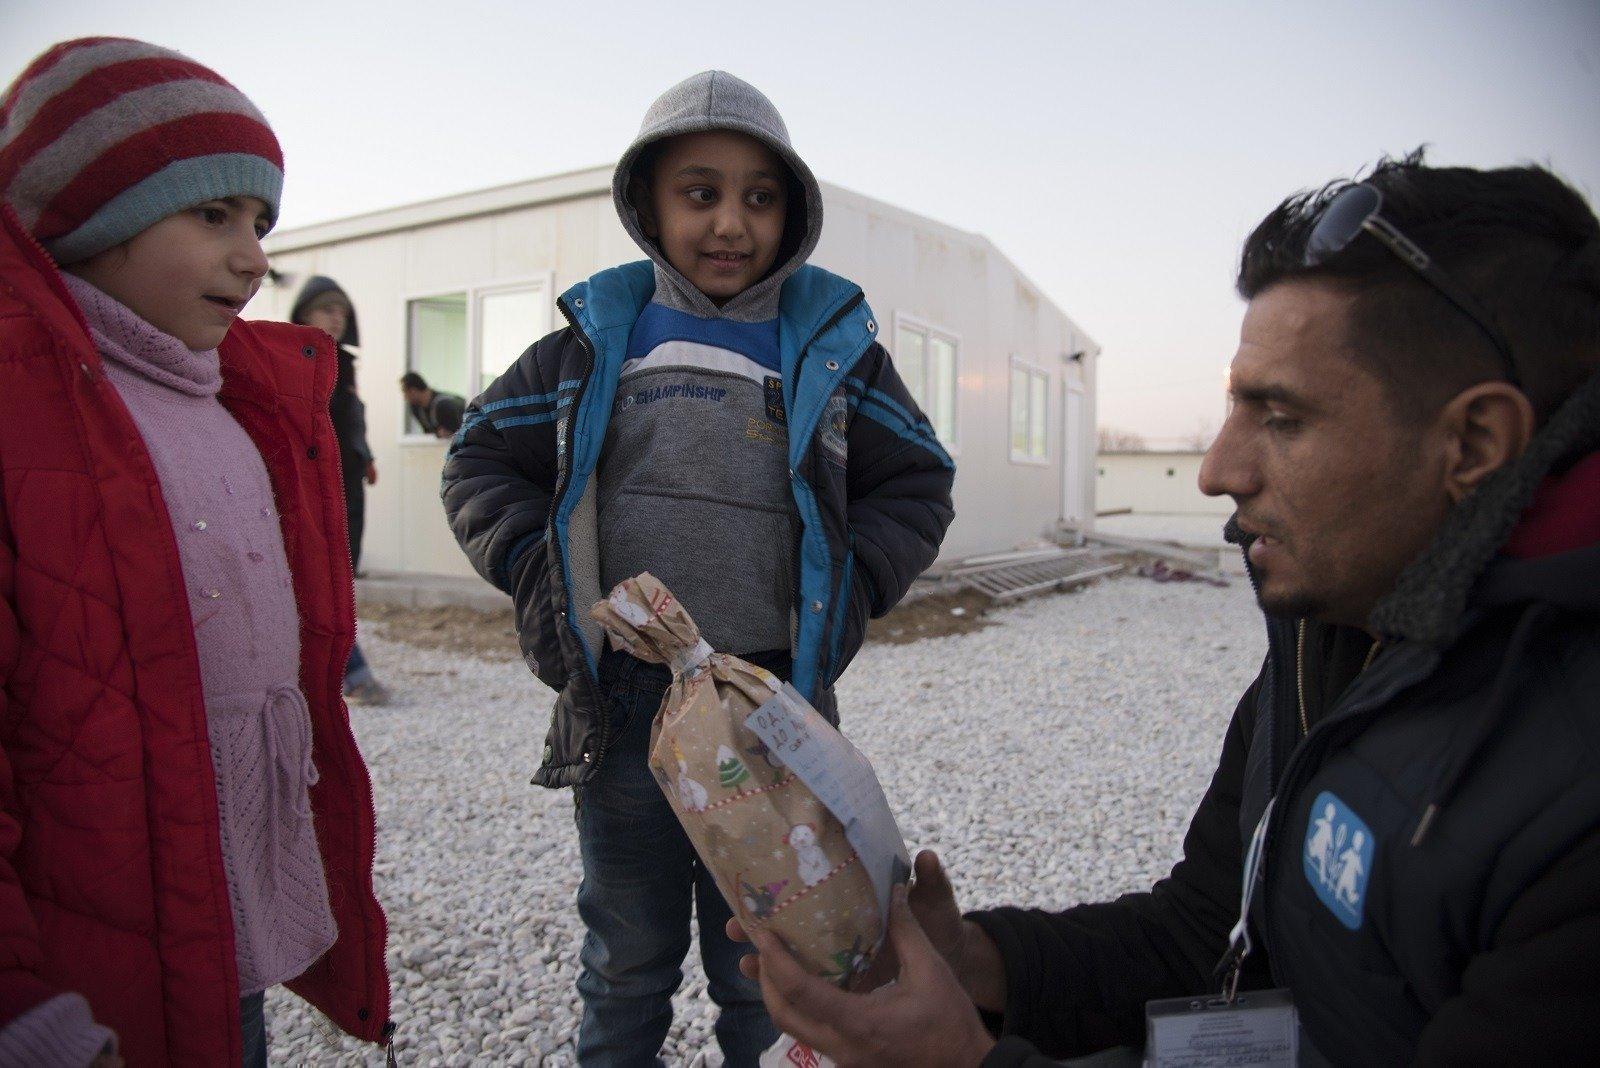 SOS-Kinderdorfmitarbeiter mit syrischen Kinder im Aufnahmezentrum in Mazedonien.